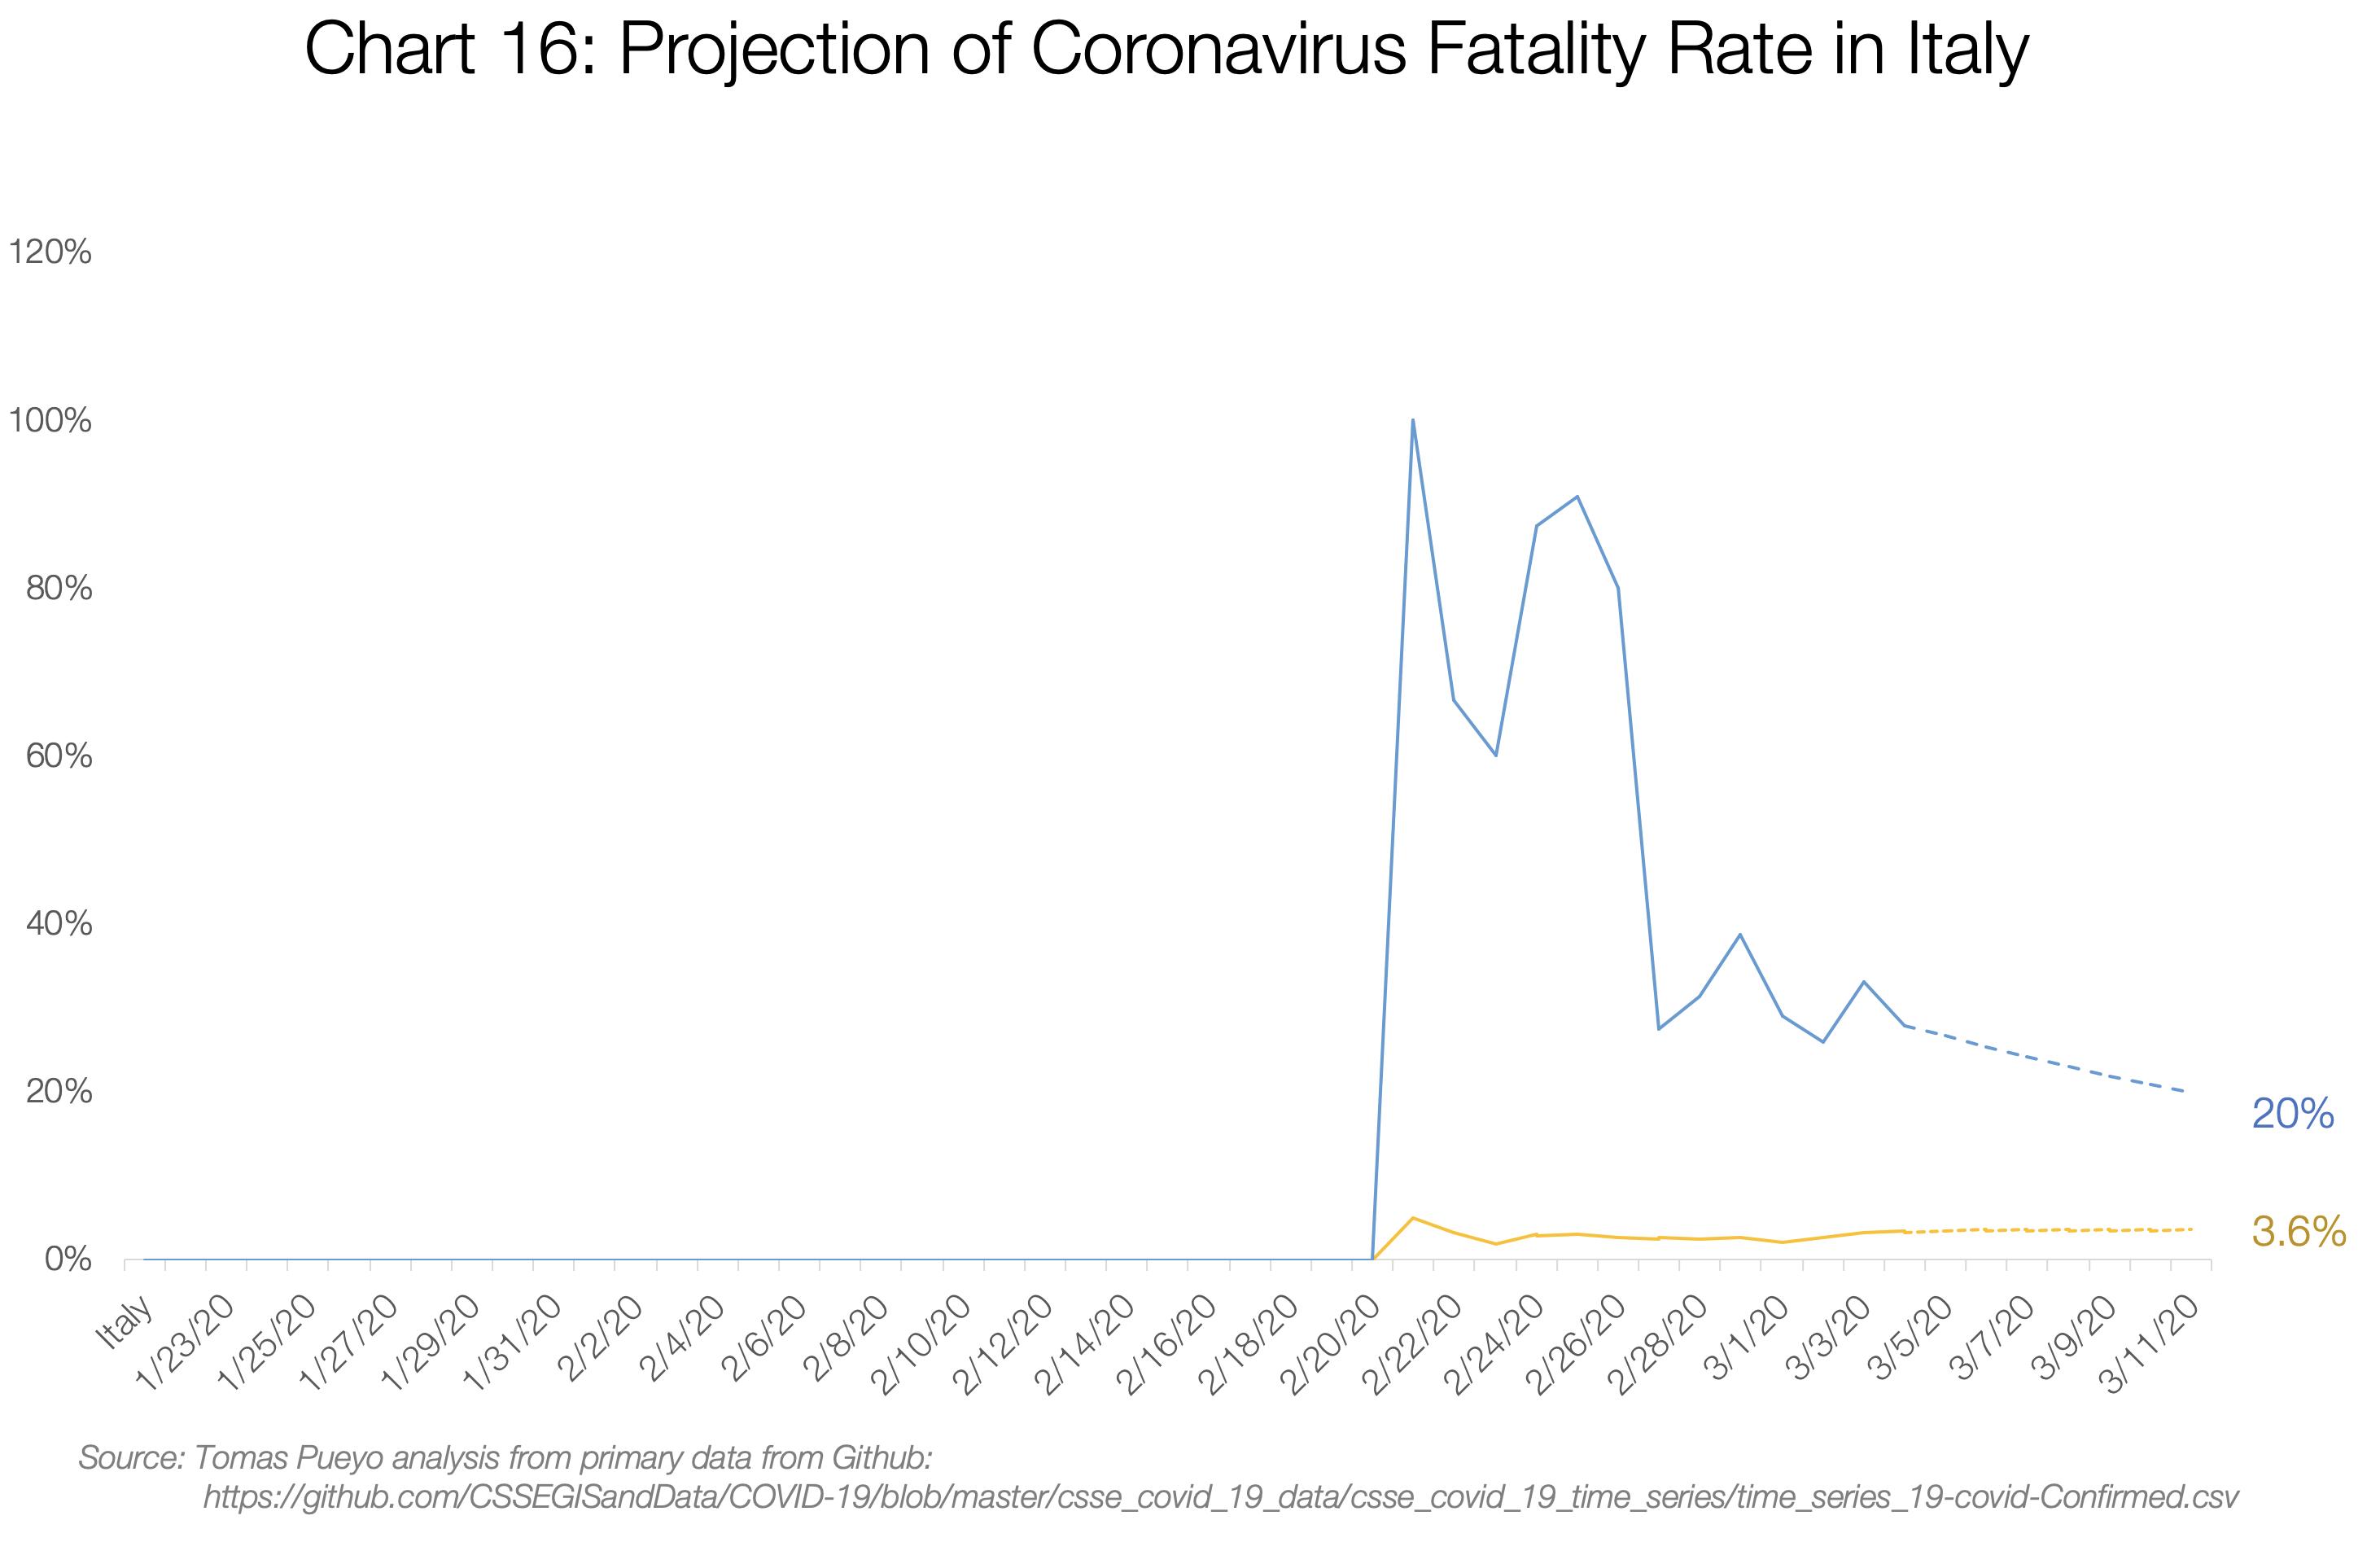 پیش بینی نرخ مرگ و میر در ایتالیا